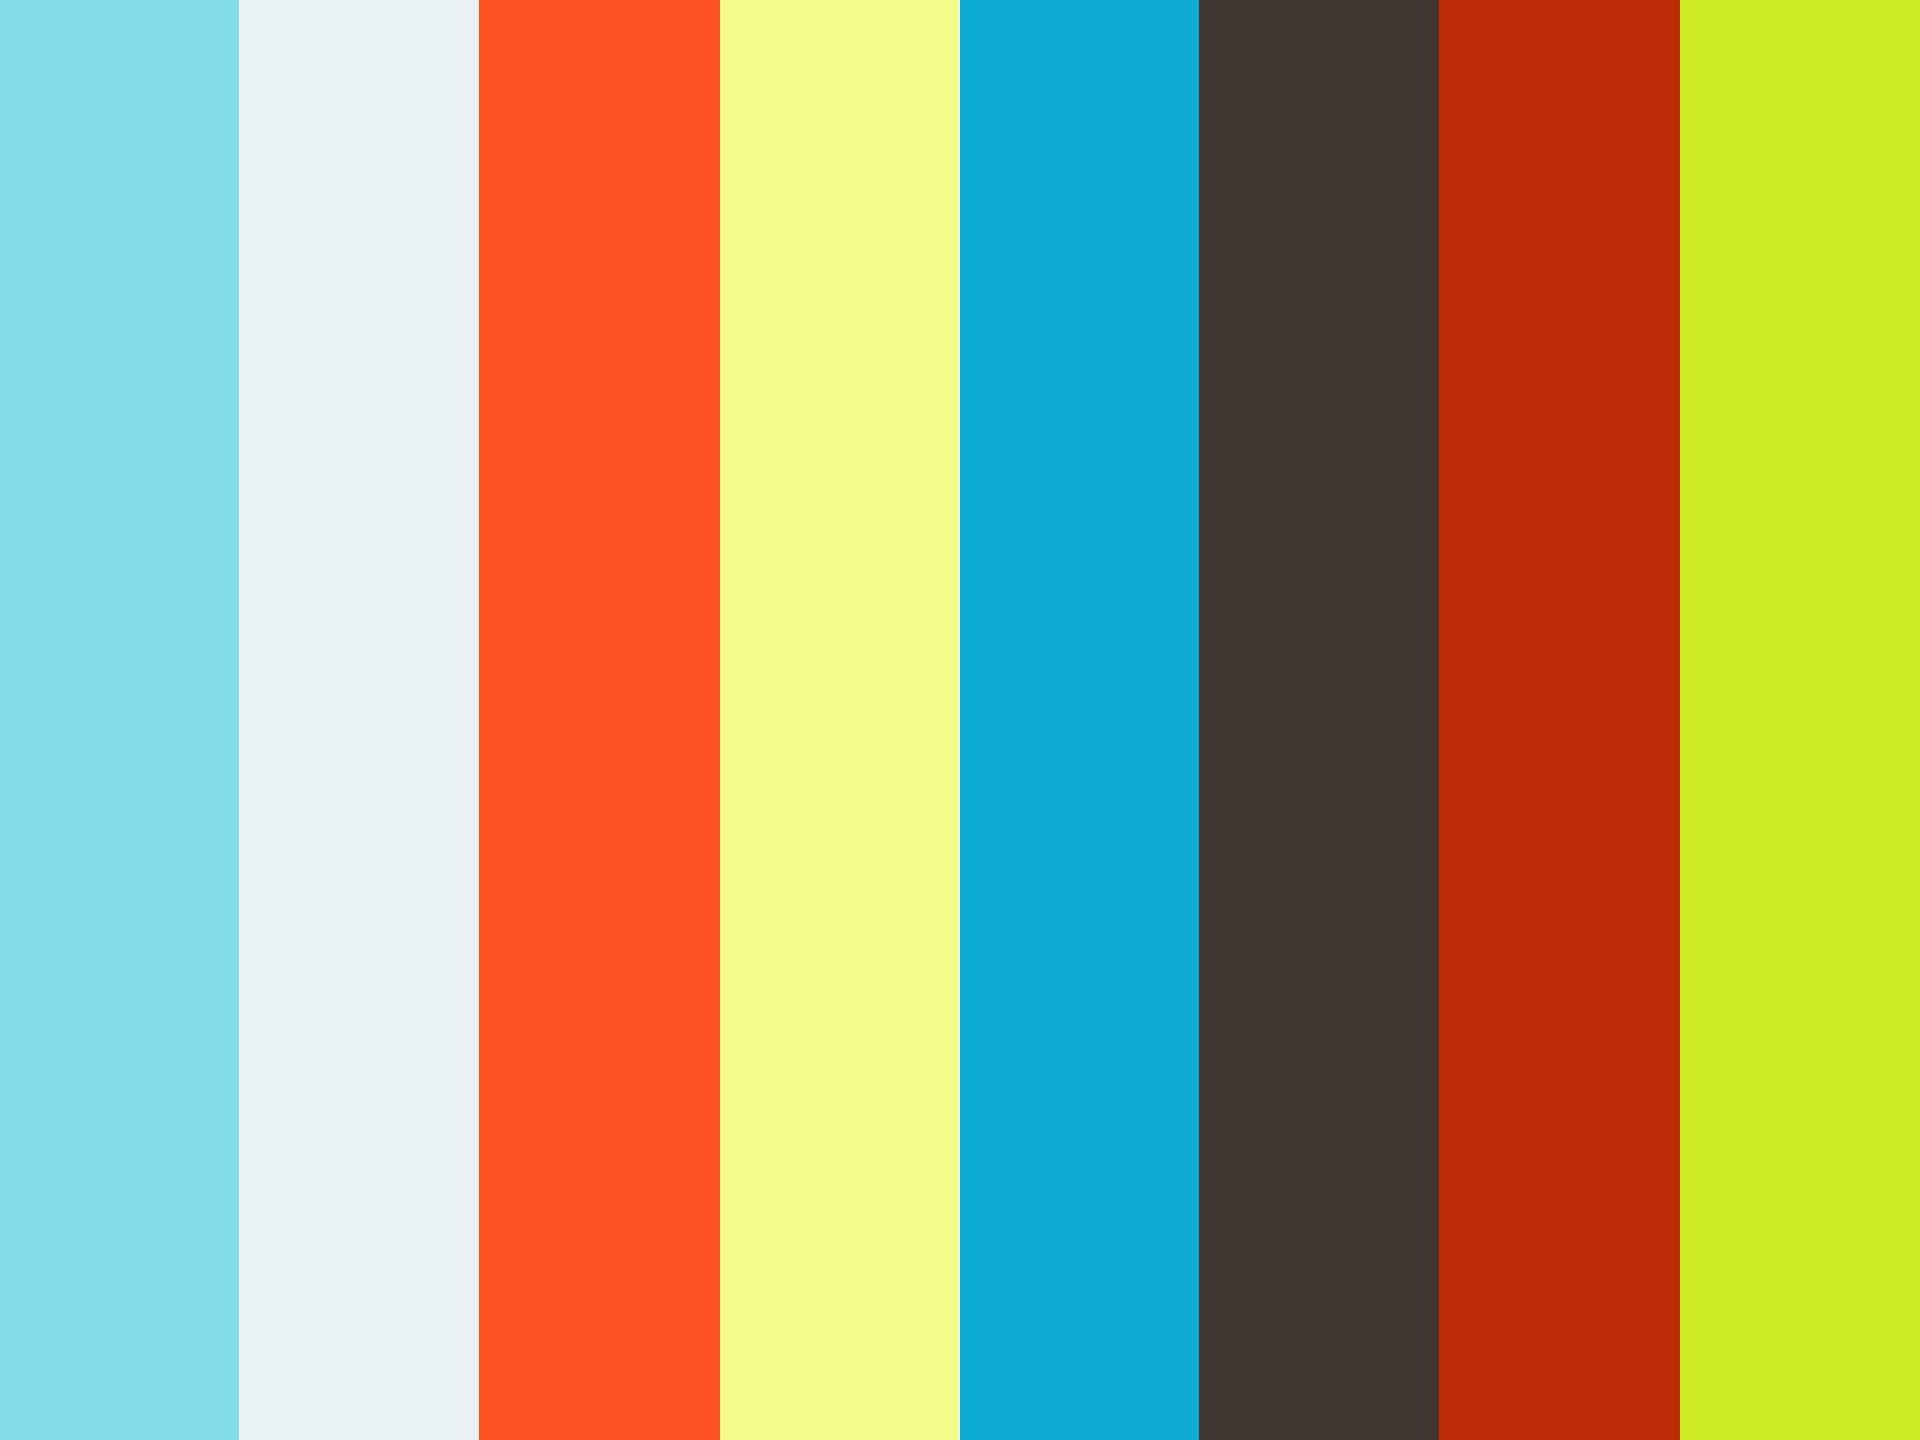 PRESENTACIÓN DE LA EDICIÓN 23 DE MOUNTAINBIKE PARA POLICIAS LOCALES. Día 25 de Septiembre / 10:30 Horas / Campeonato de España Ciudad de Barbastro